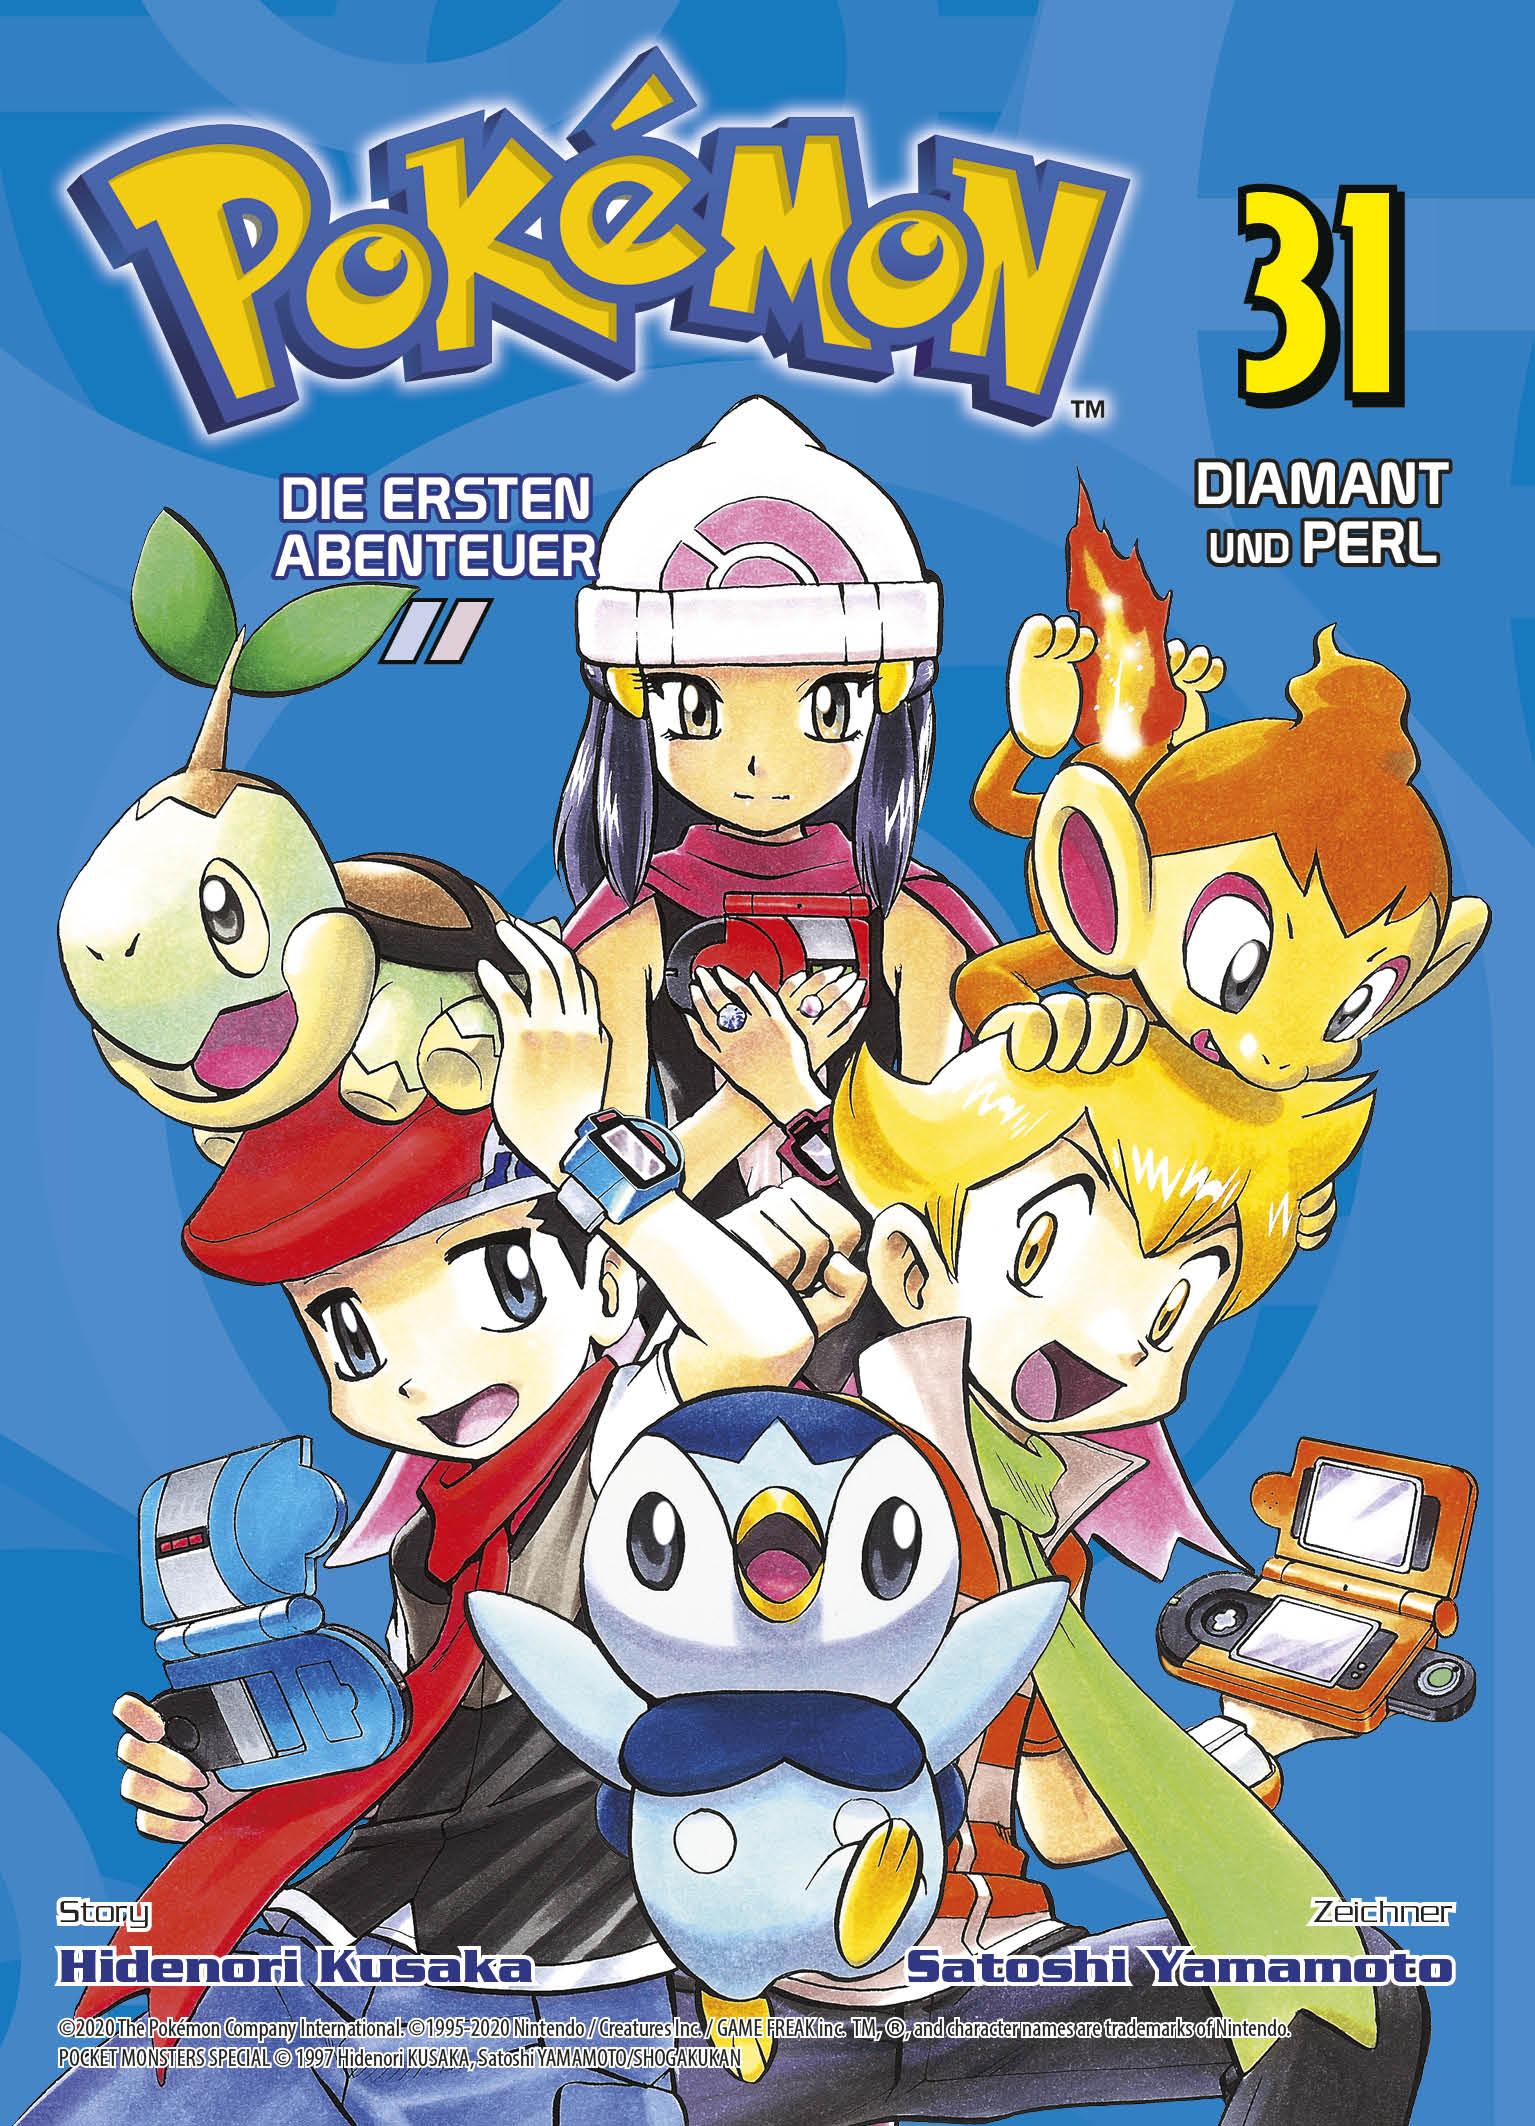 Pokémon Die ersten Abenteuer 31: Diamant und Perl